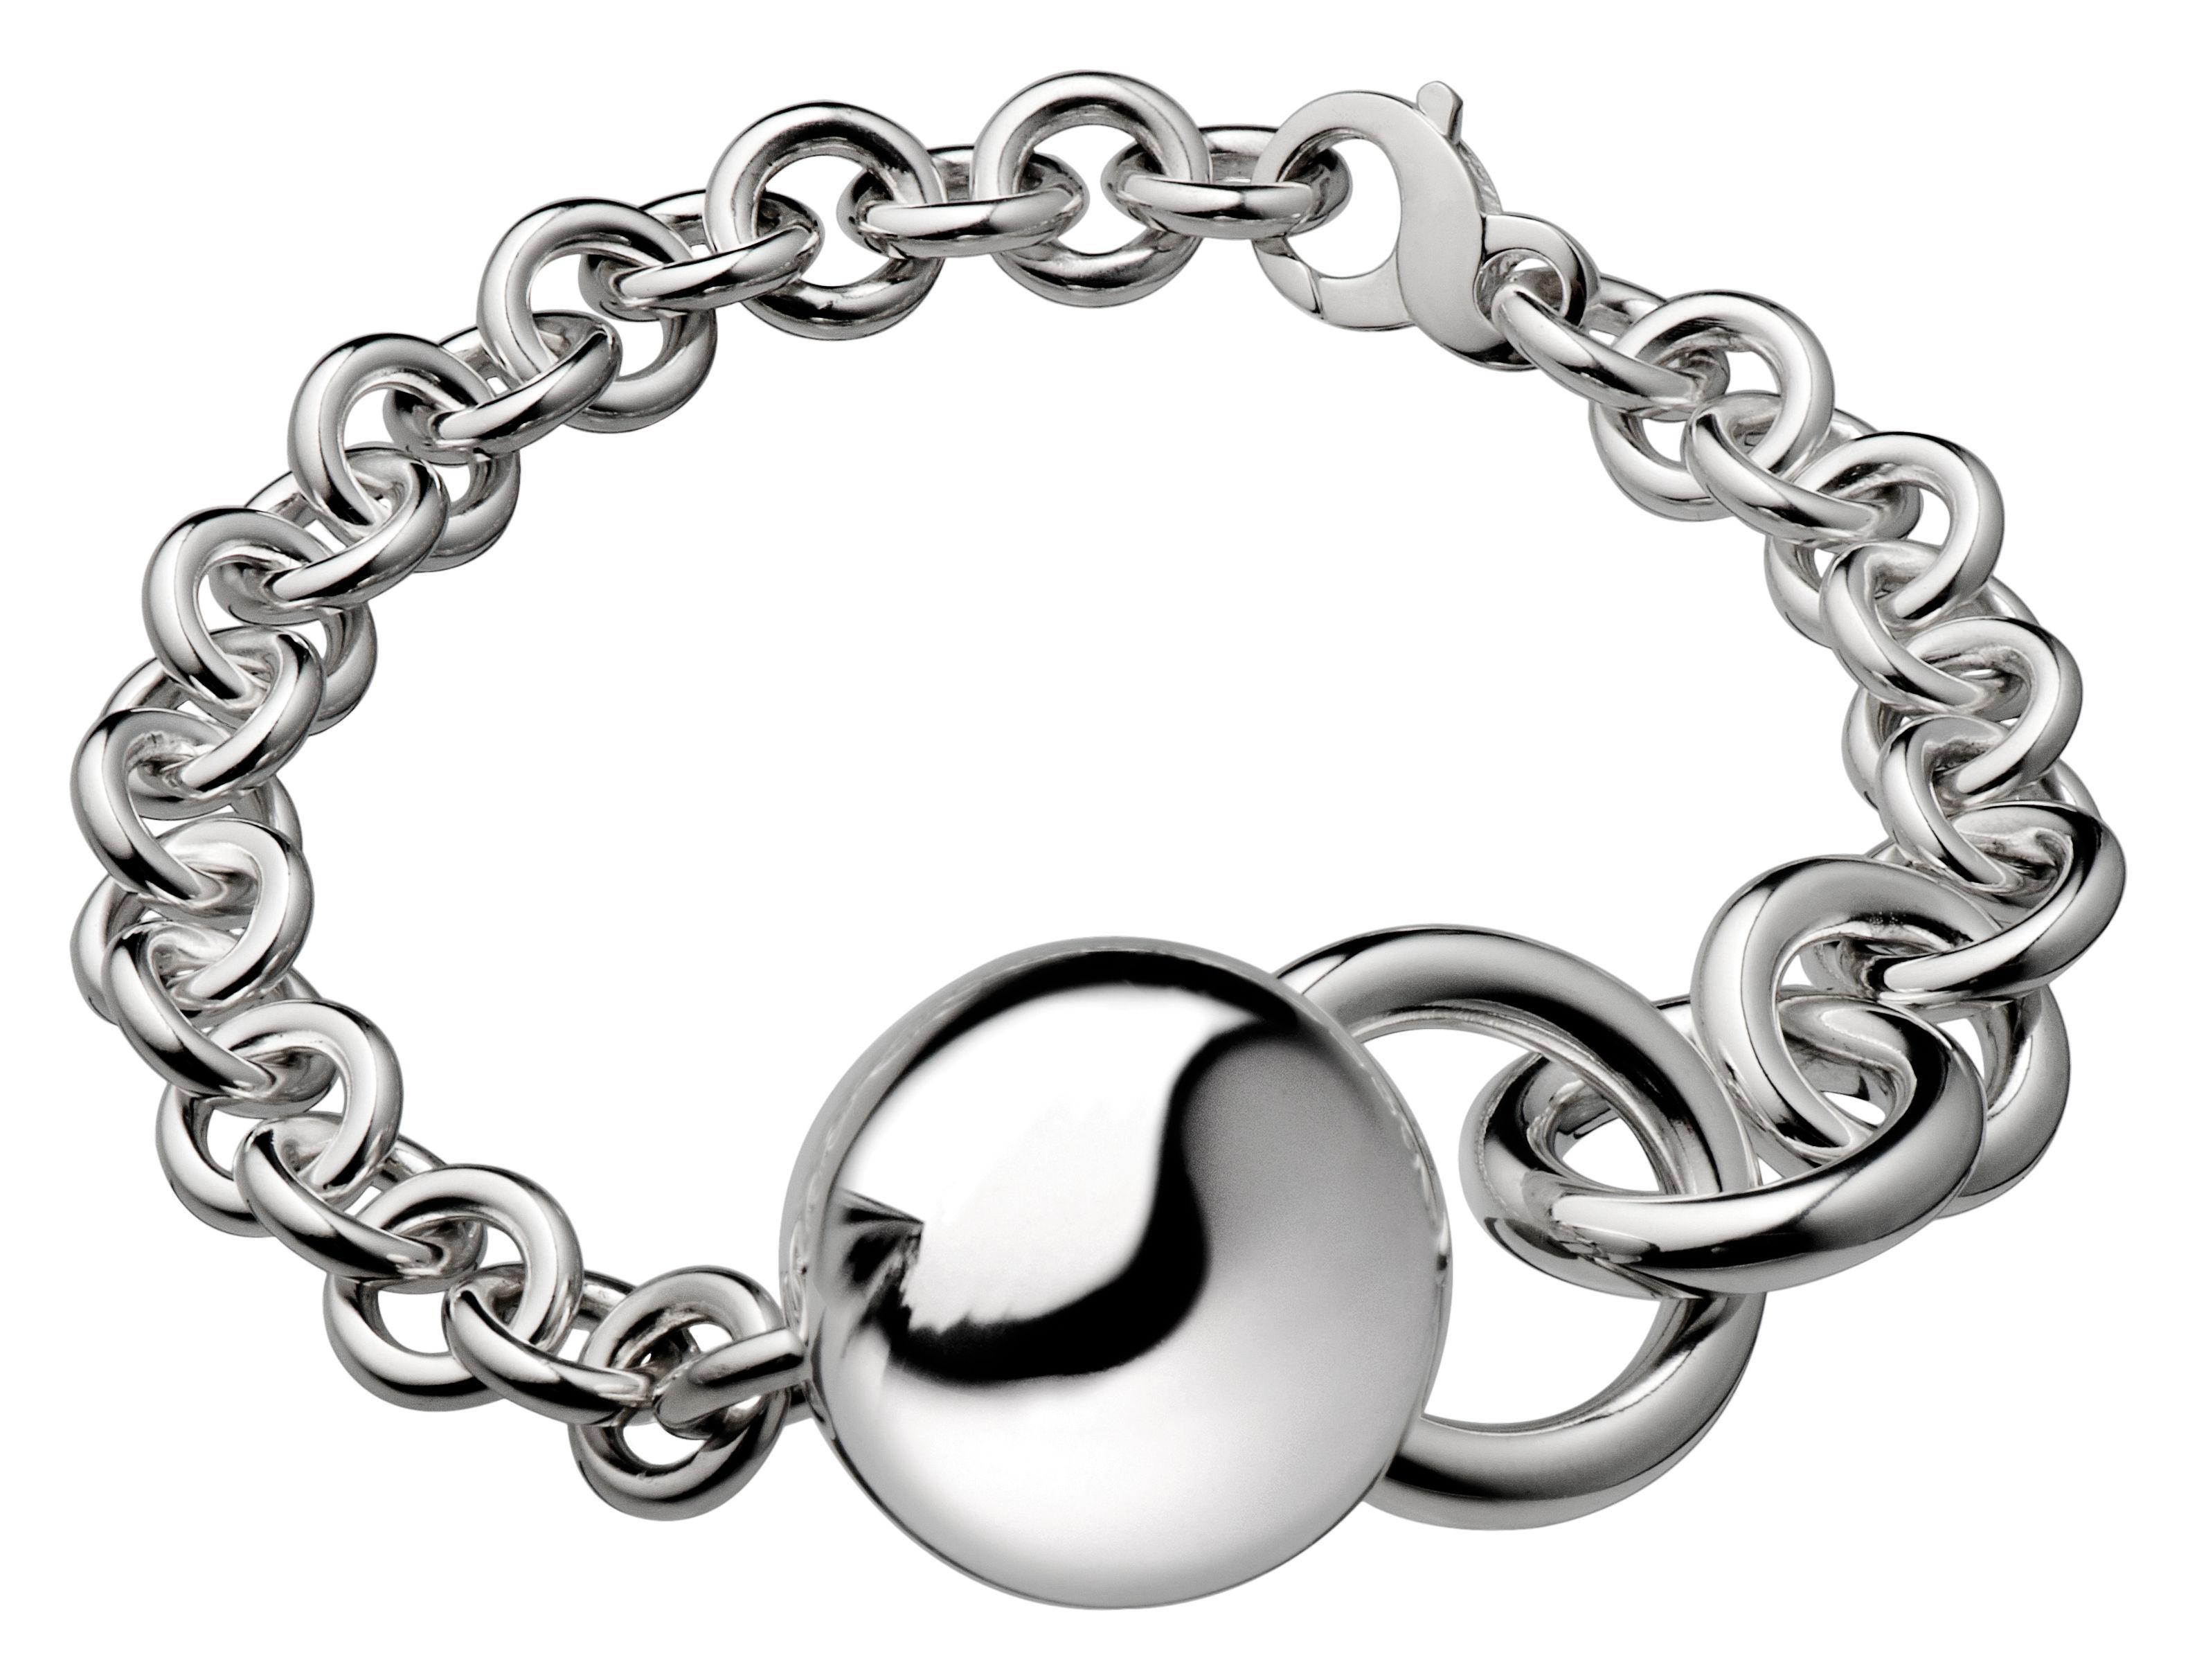 bracelet pleine lune by peggy huyn kinh argent bracelet christofle. Black Bedroom Furniture Sets. Home Design Ideas